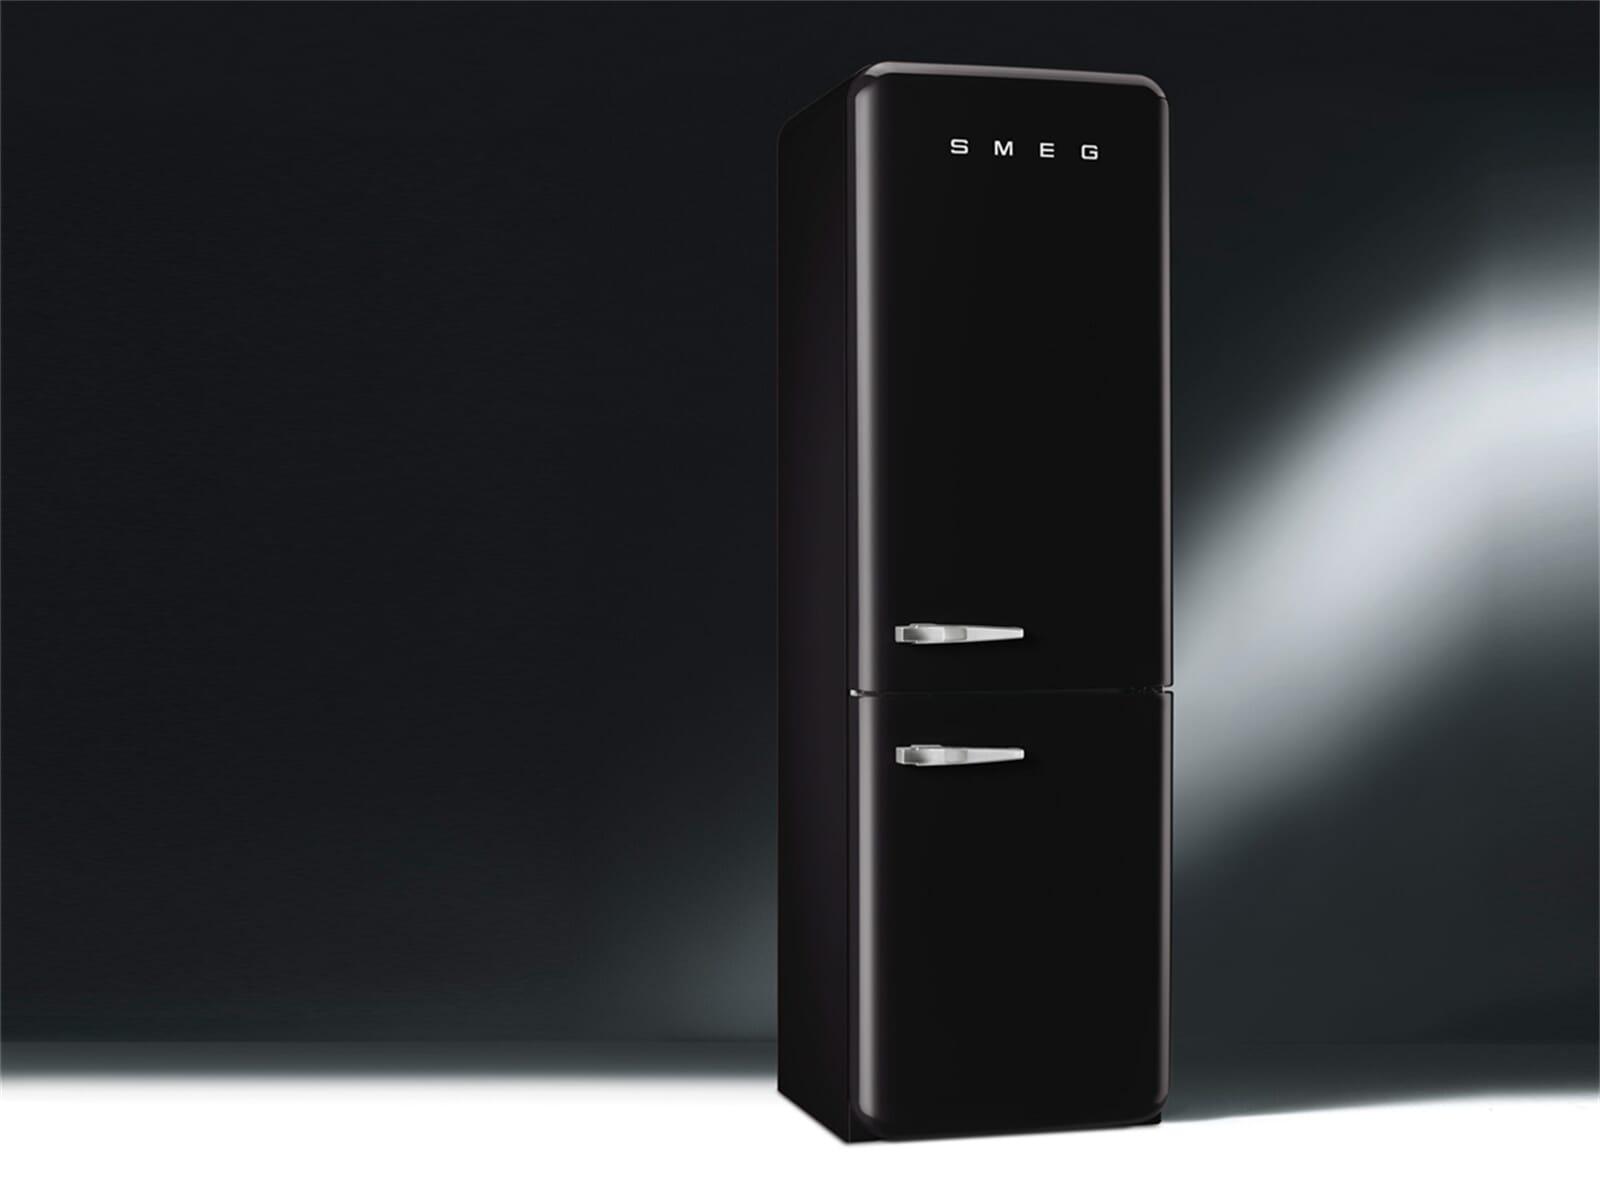 smeg fab32rnen1 k hl gefrierkombination schwarz ebay. Black Bedroom Furniture Sets. Home Design Ideas